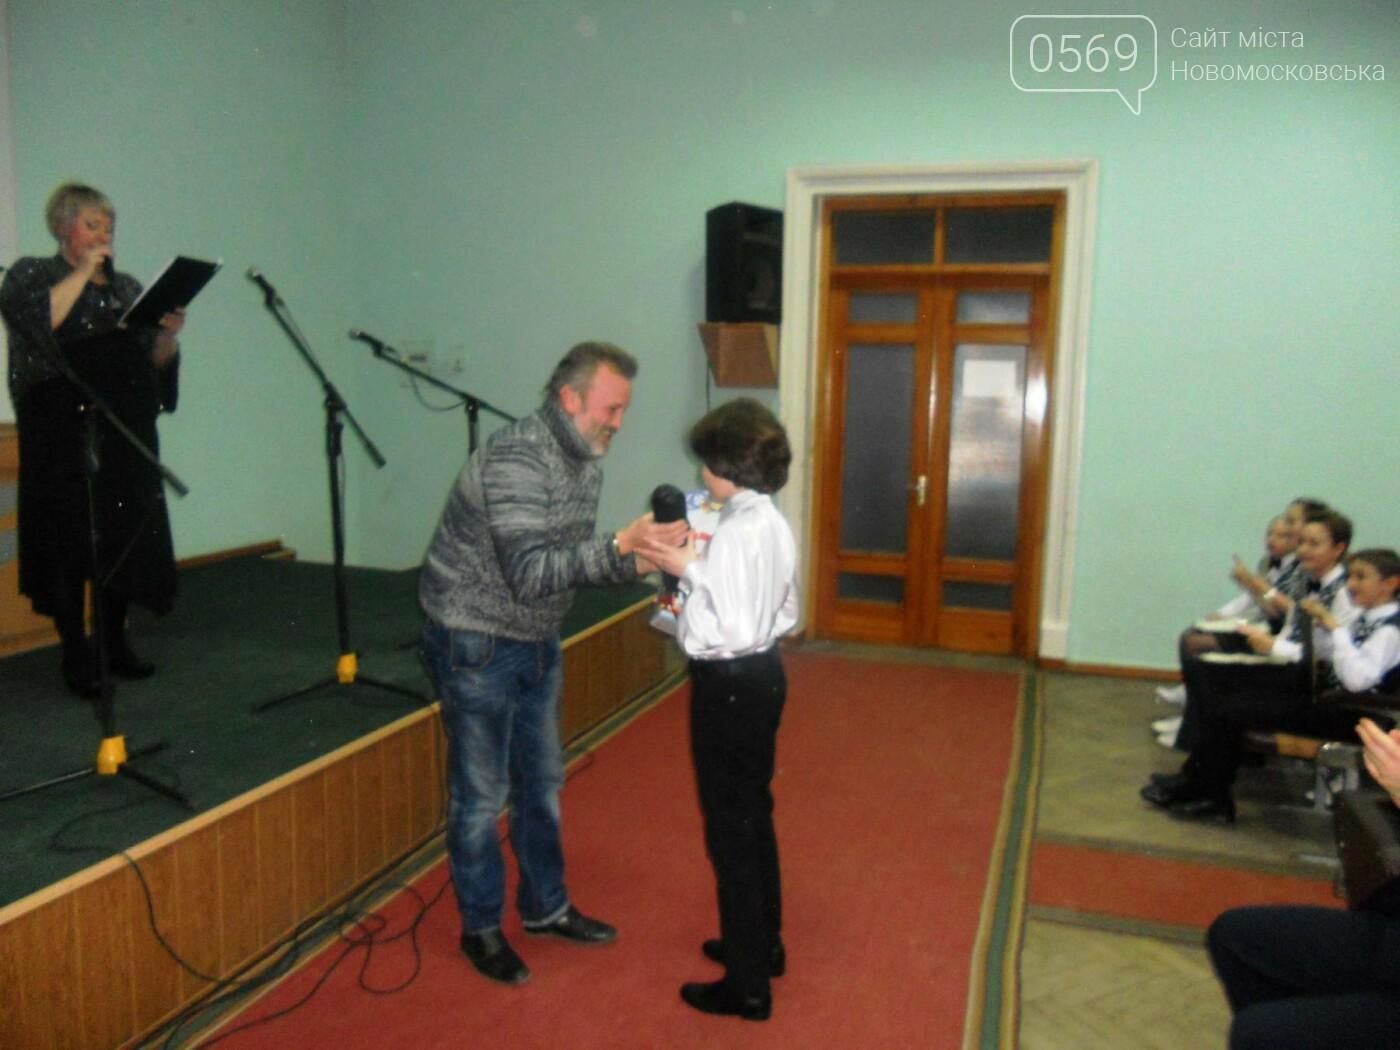 В Новомосковську назвали імена переможців  фестивалю «Діамантова нотка», фото-10